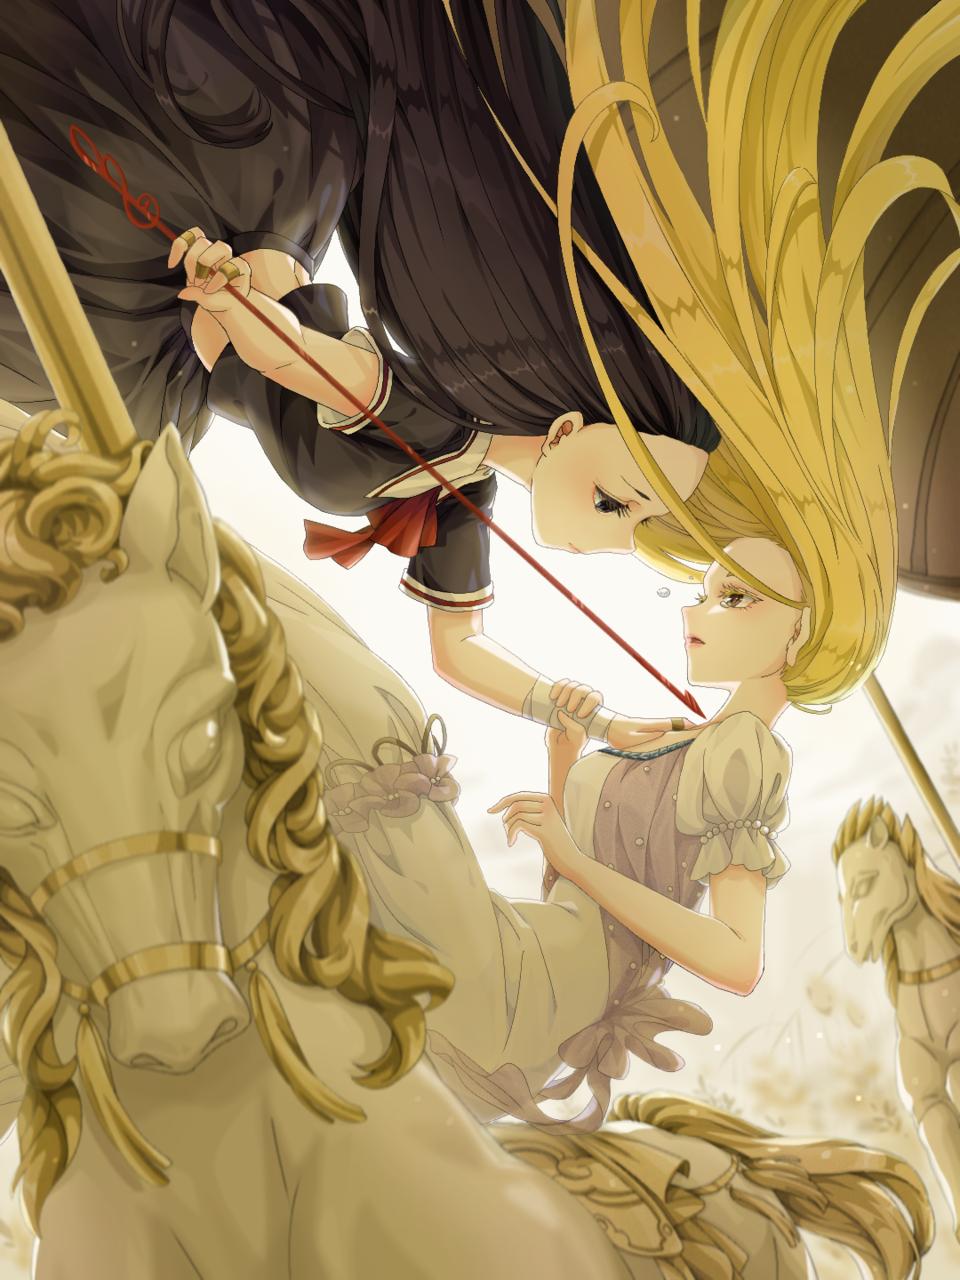 【双白】旋转木马之境 Illust of 玄彩白墨 贺图 illustration 自设 oc 六一快乐